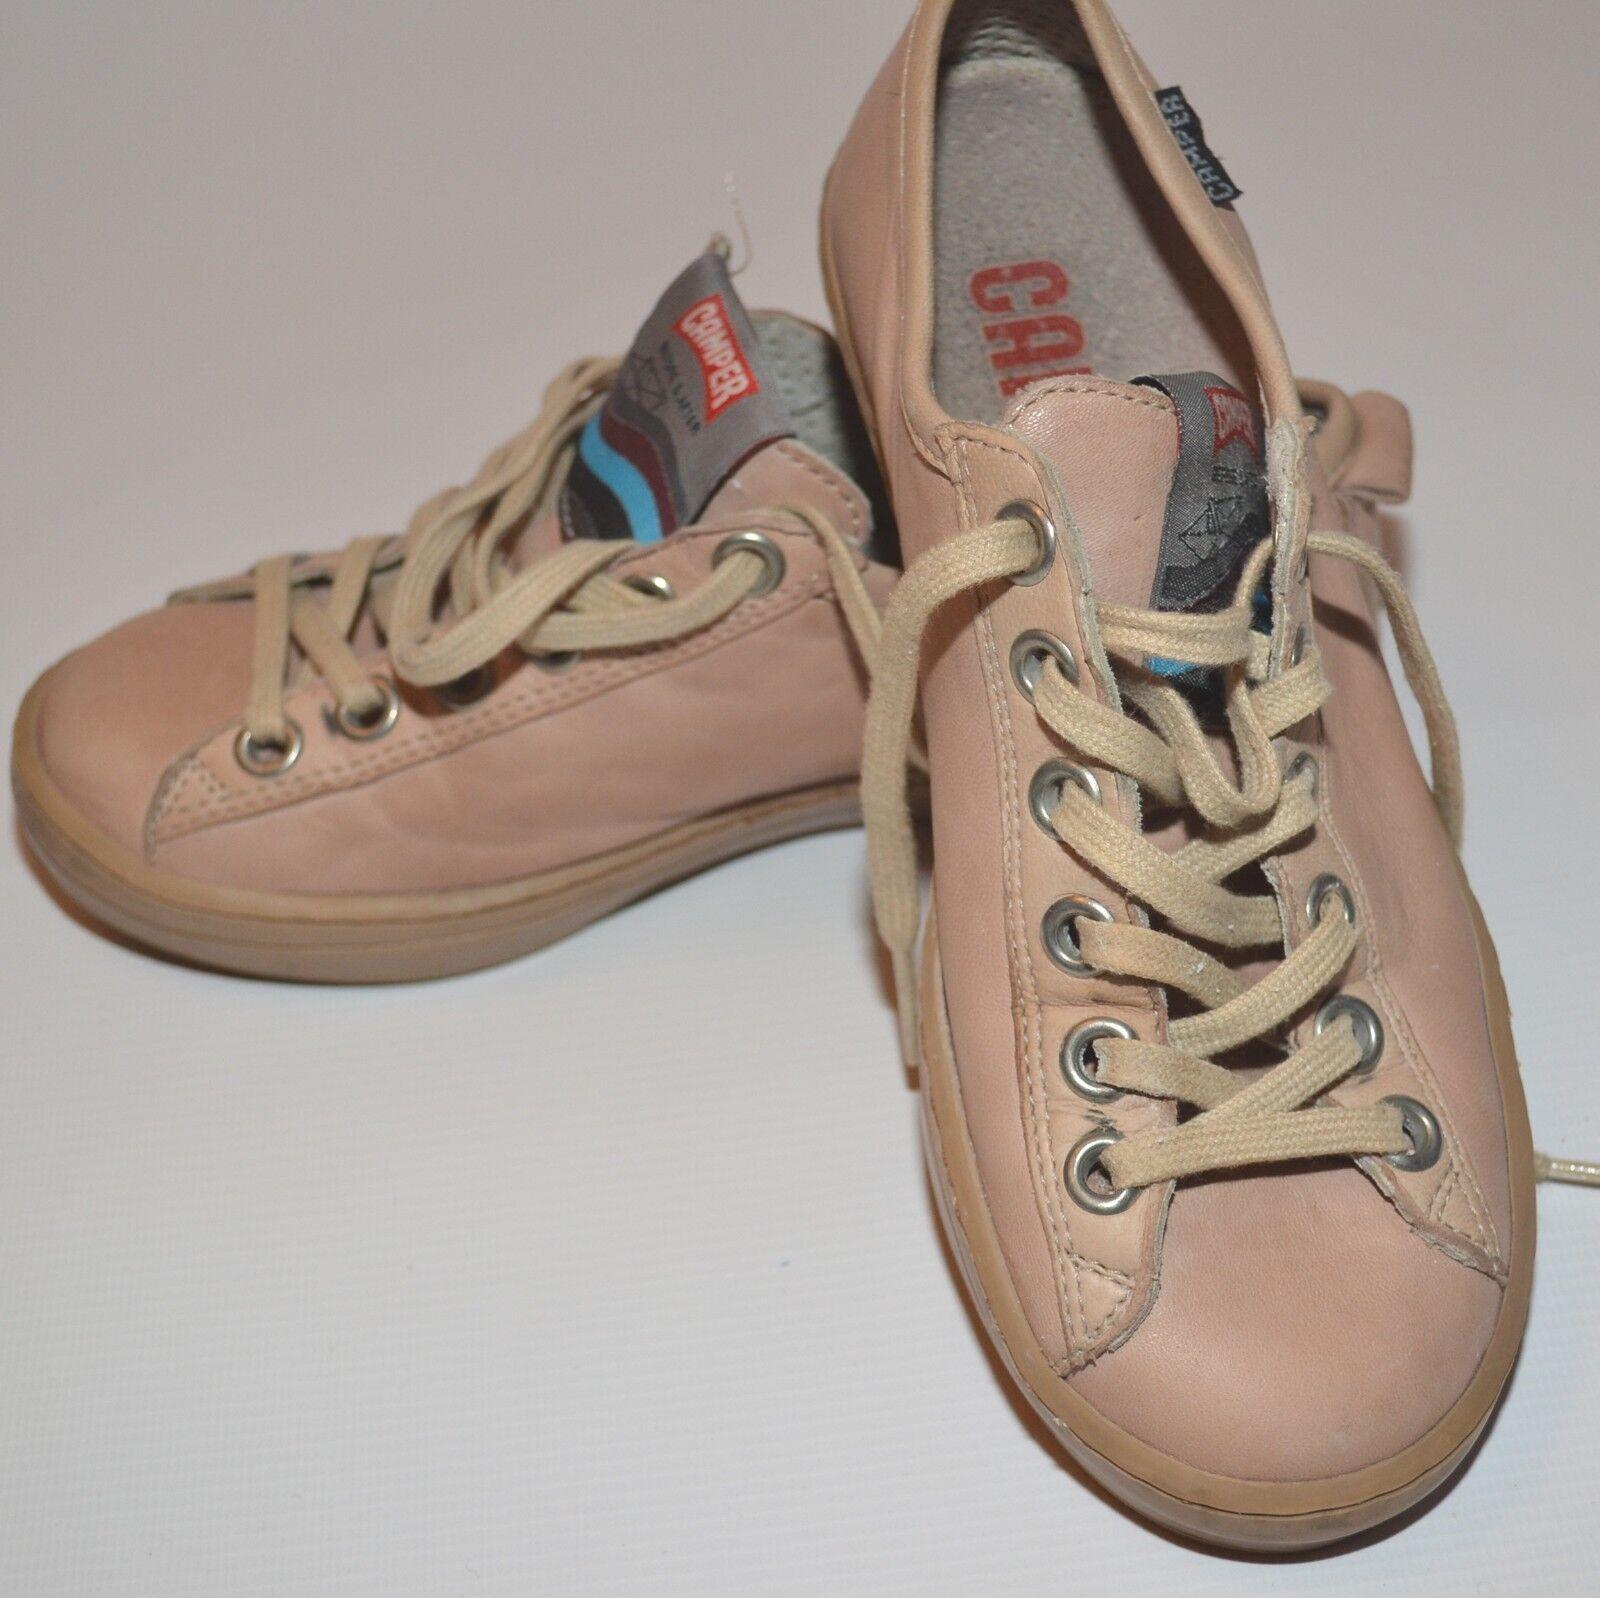 Camper Imar De Cuero Zapatos Tenis Entrenadores Vela Rubor euro 35/Usado